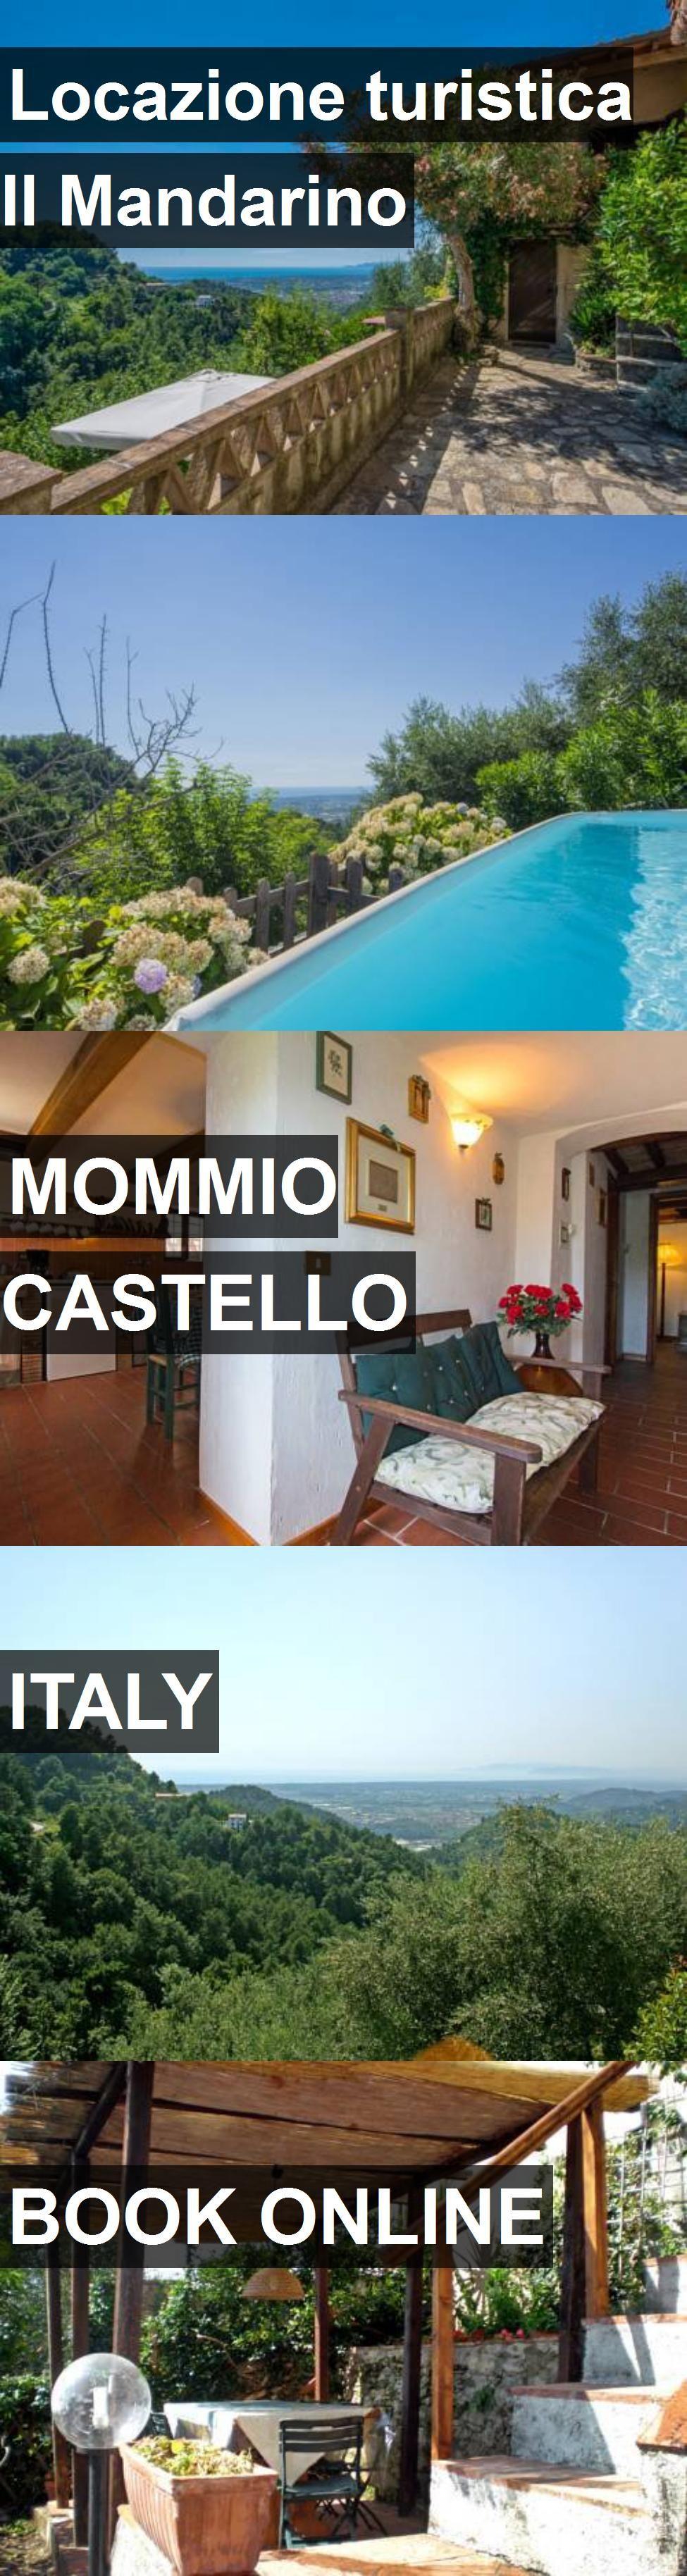 Hotel Locazione turistica Il Mandarino in Mommio Castello